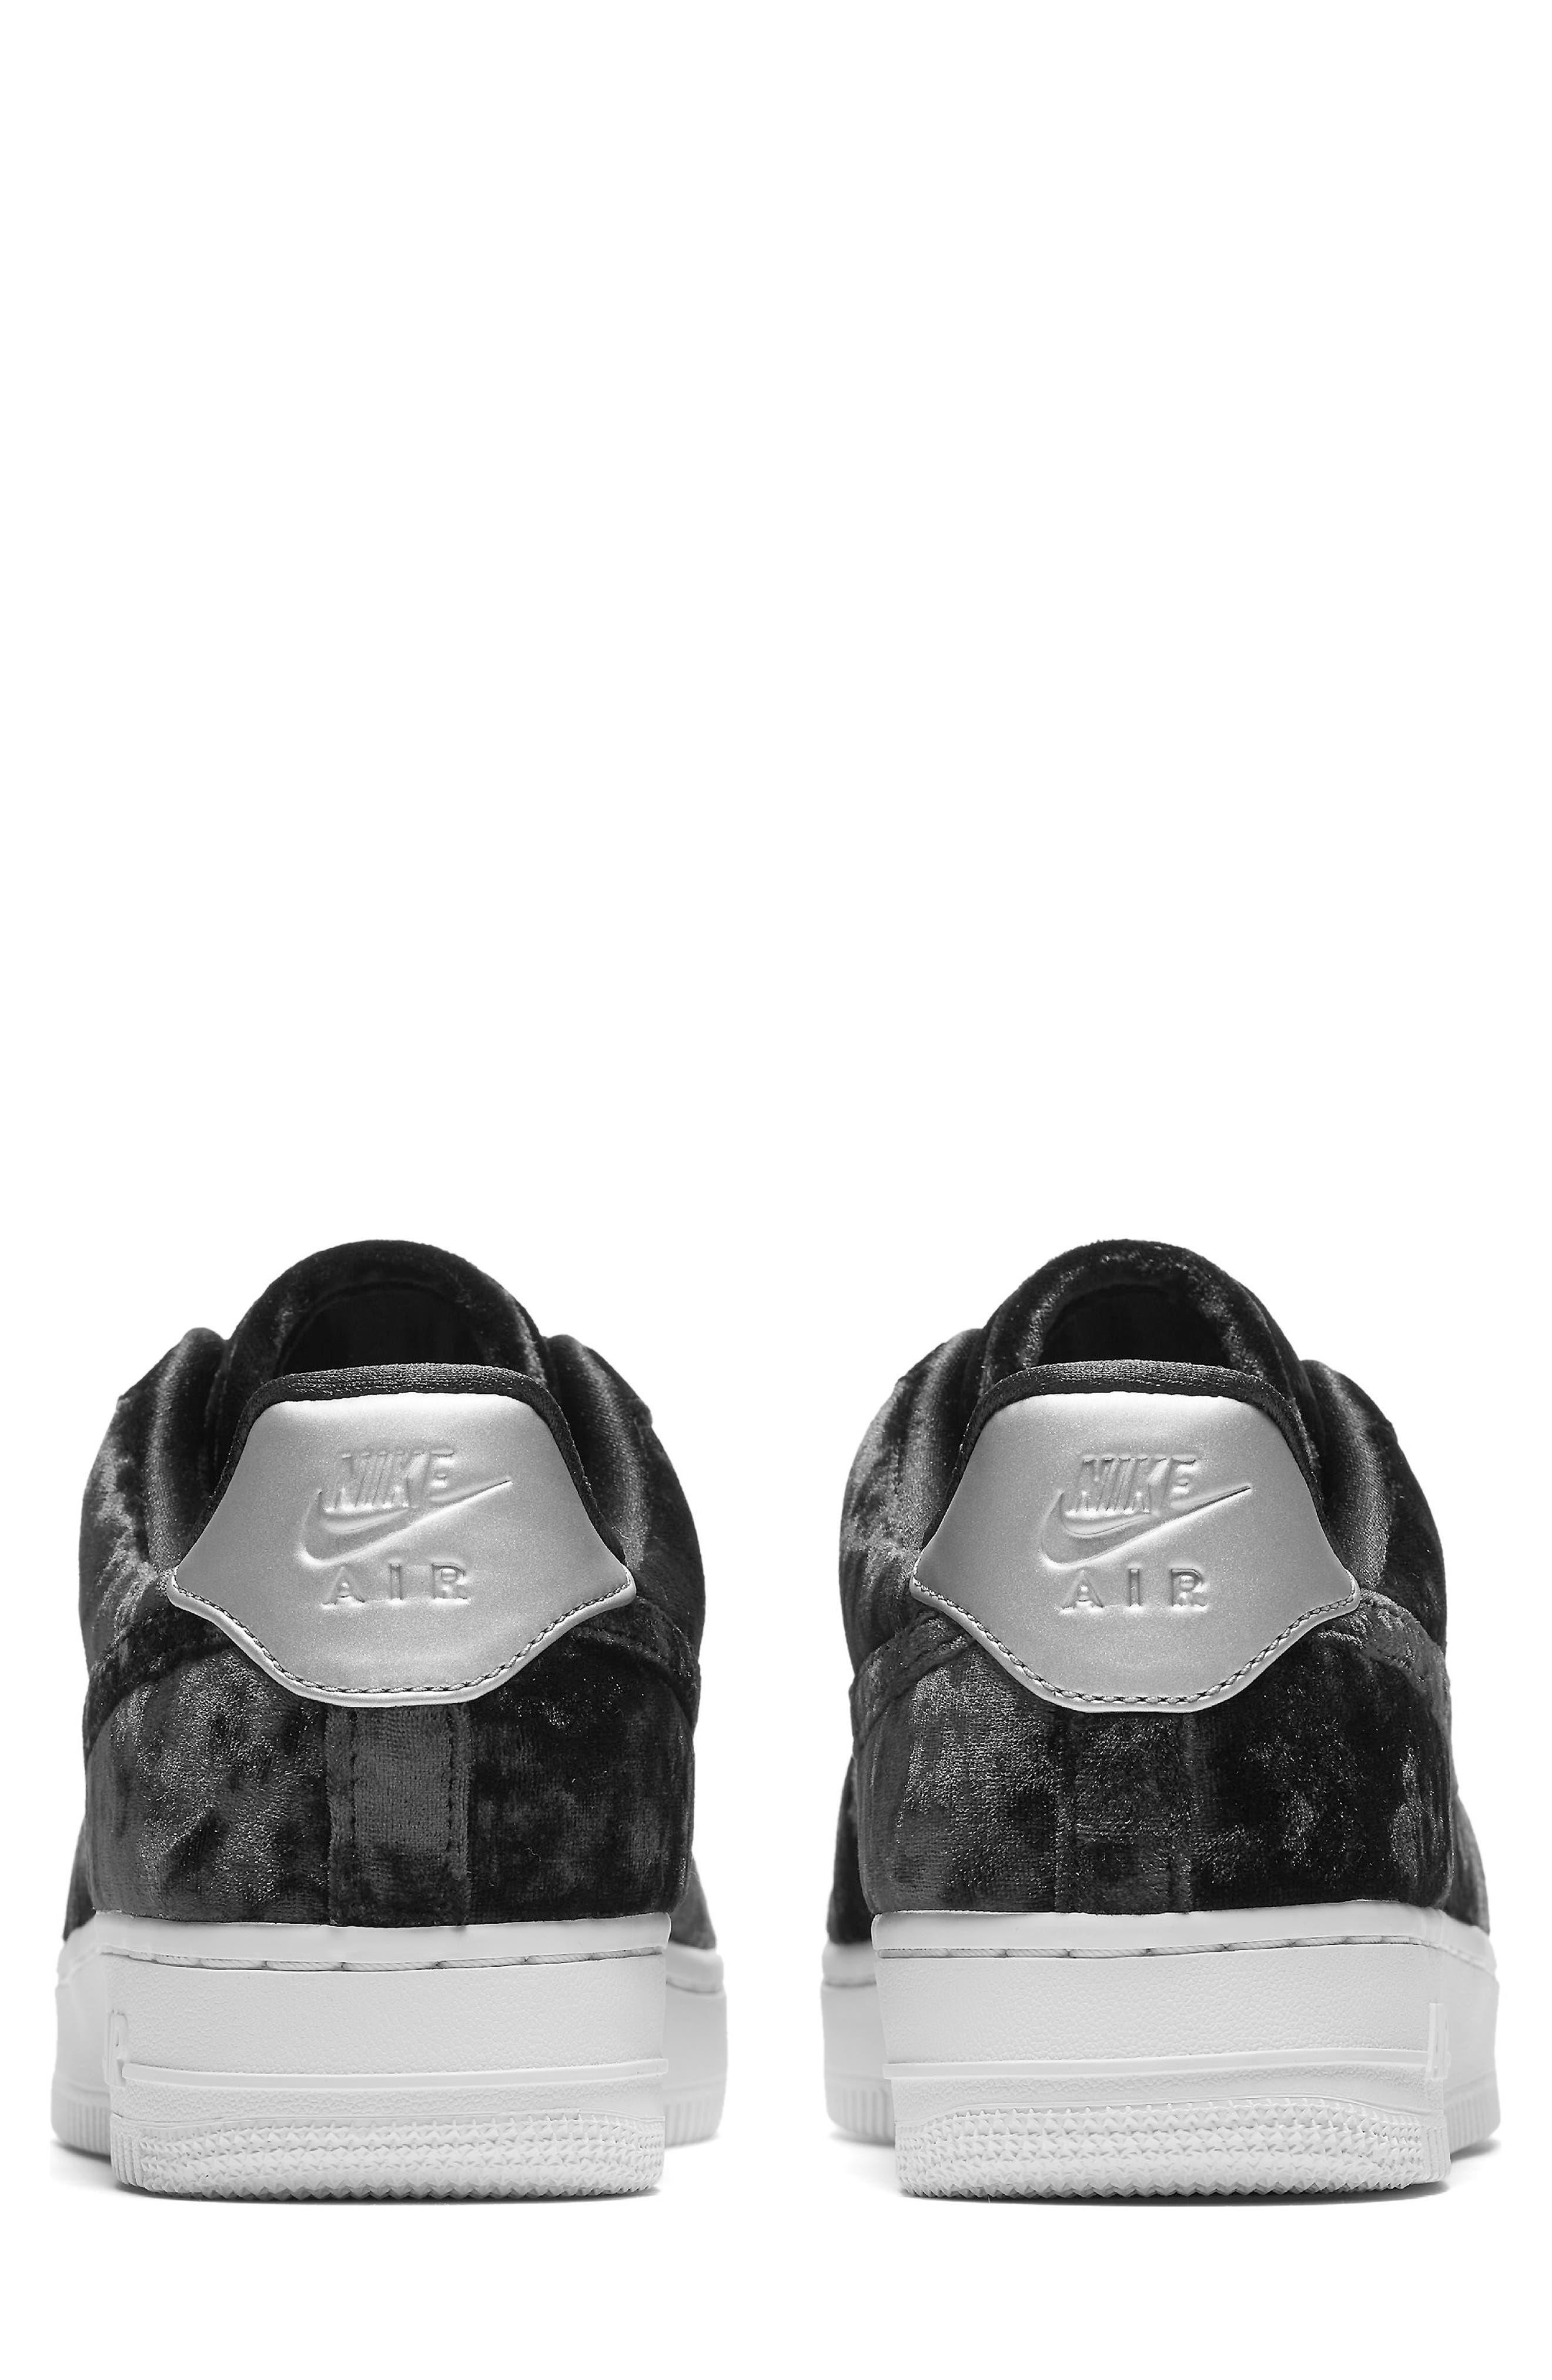 Air Force 1 '07 Premium Sneaker,                             Alternate thumbnail 2, color,                             003